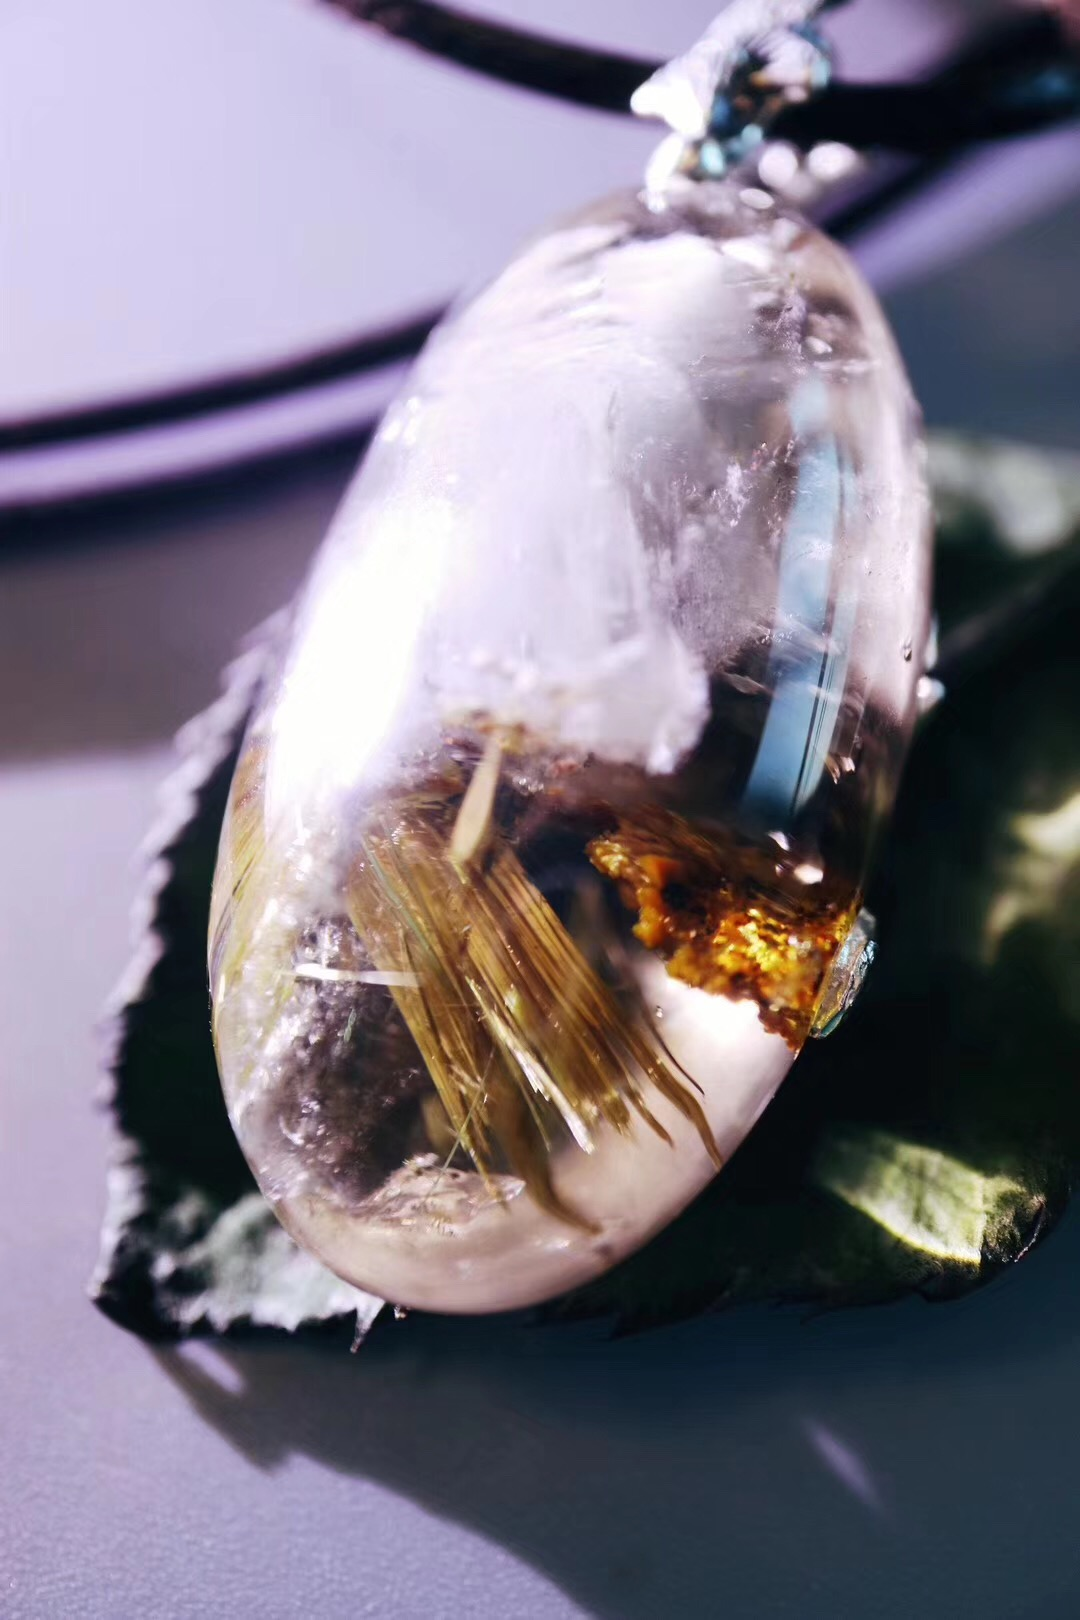 【钛晶】钛晶和白幽灵山共生,很特别-菩心晶舍